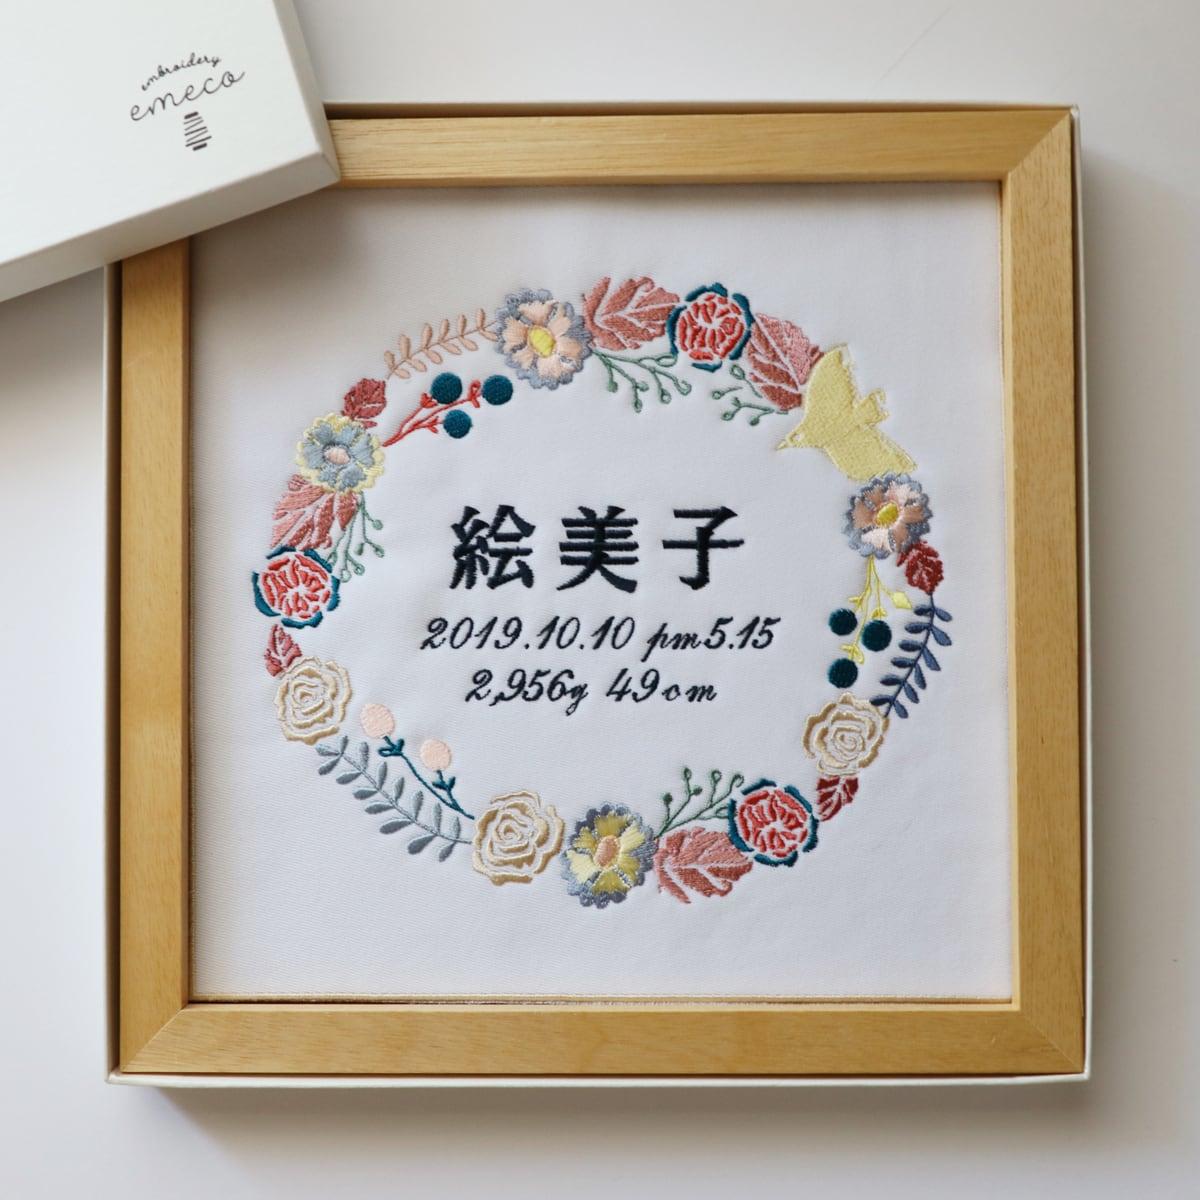 【受注製作】刺繍命名書 / カラフル(フレーム・箱付) 出産祝い・初節句・ひな祭り・誕生日・ウェルカムボード